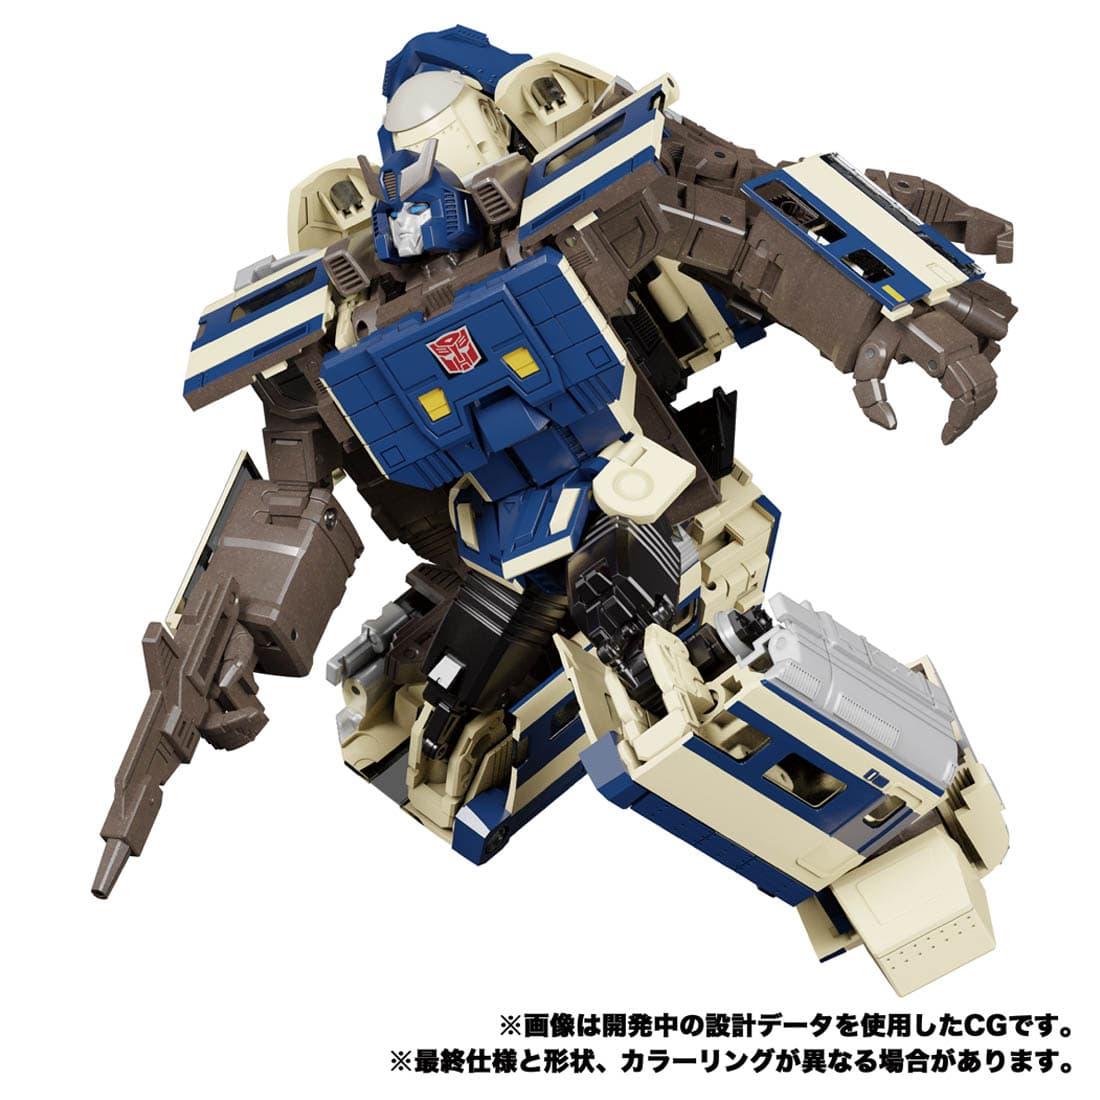 トランスフォーマー マスターピースG『MPG-01 トレインボット ショウキ』可変可動フィギュア-001